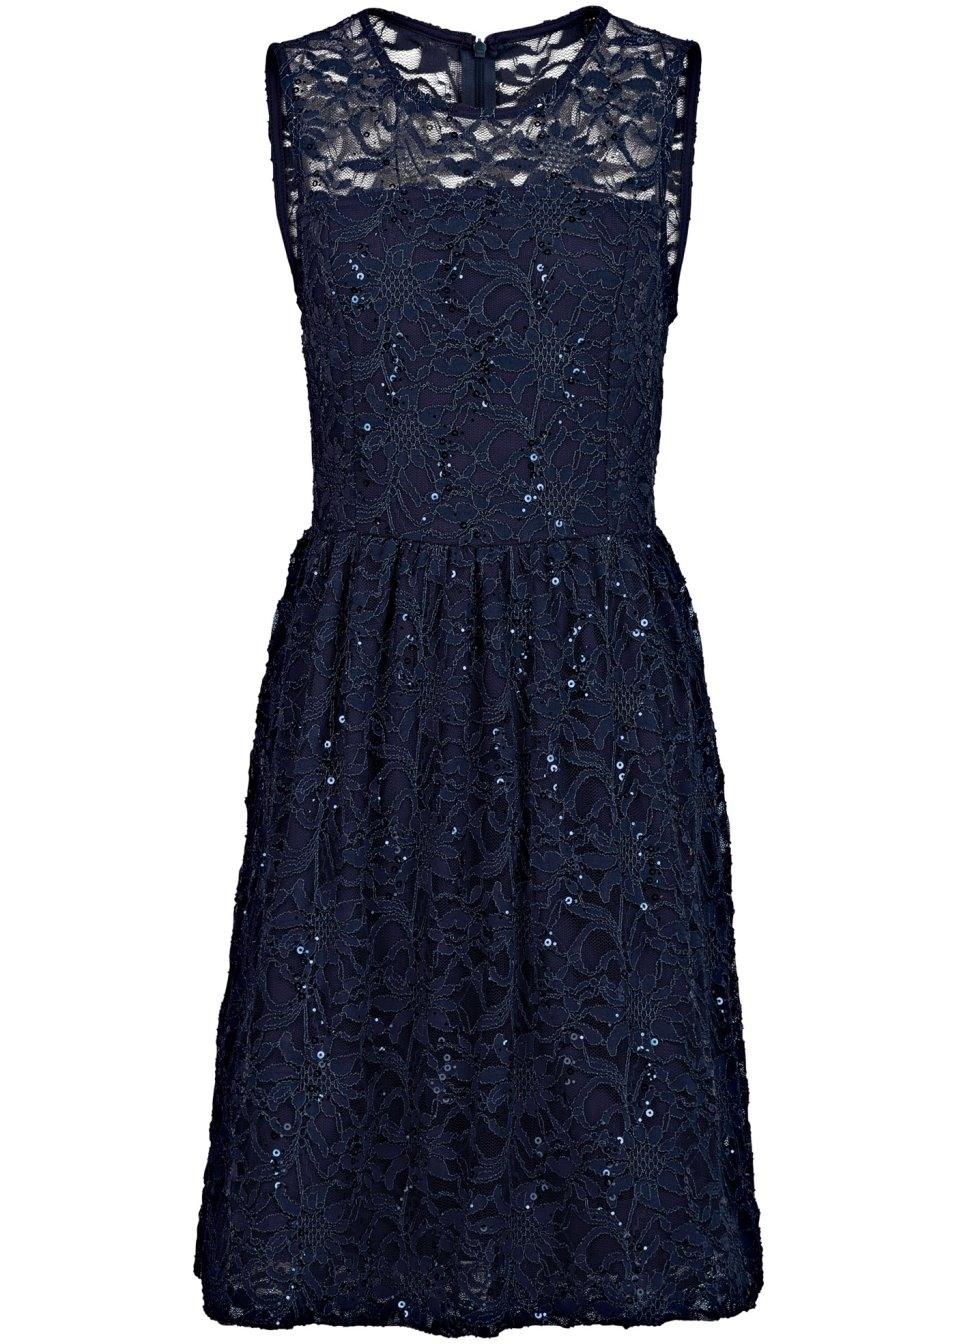 Top Blaues Kleid Mit Spitze für 201920 Spektakulär Blaues Kleid Mit Spitze Galerie